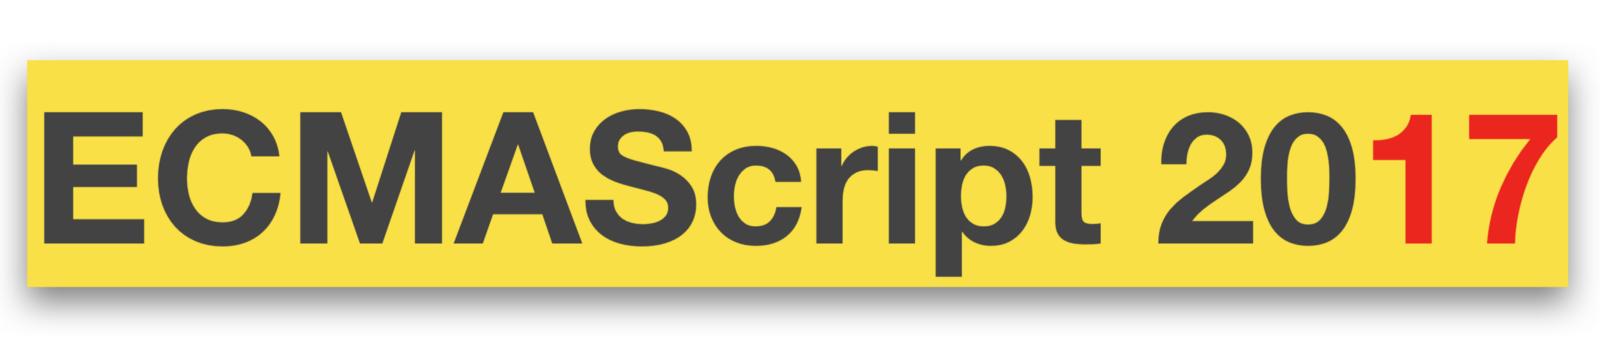 Обзор новшеств ECMAScript 2016, 2017, и 2018 с примерами - 5